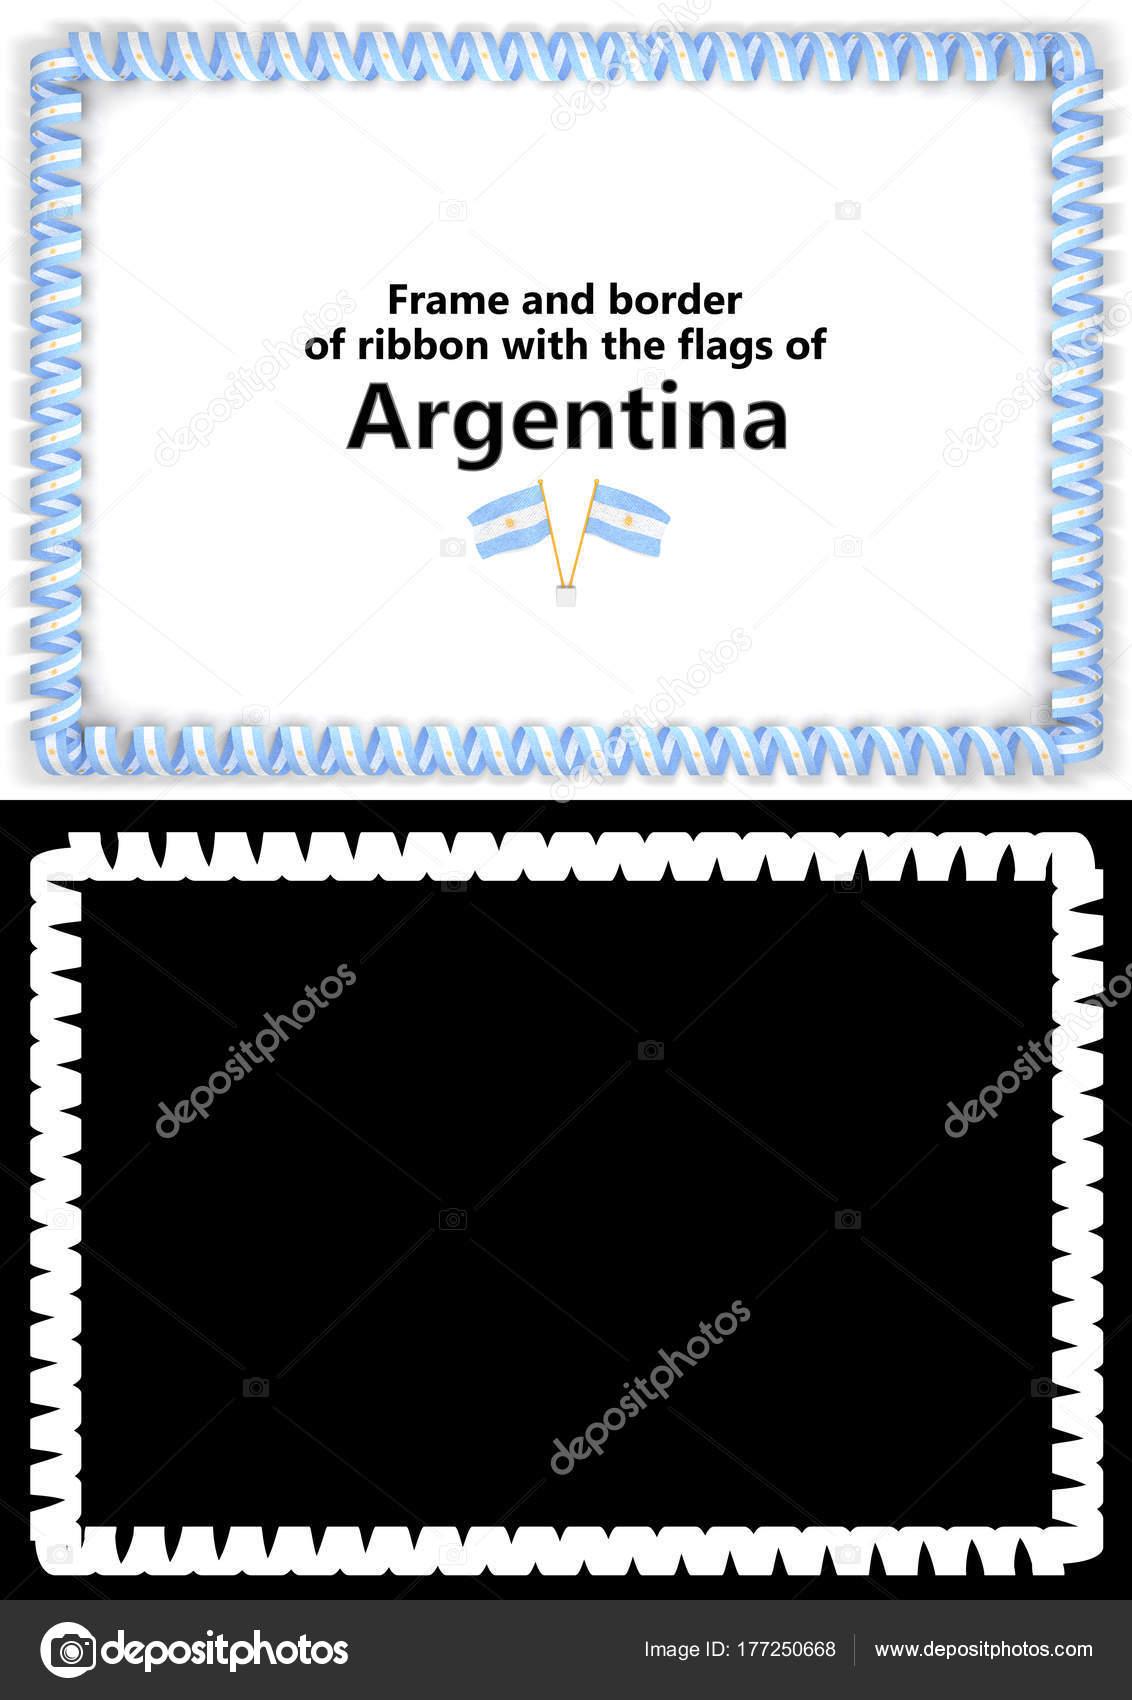 Marco y borde de la cinta con la bandera Argentina para ...